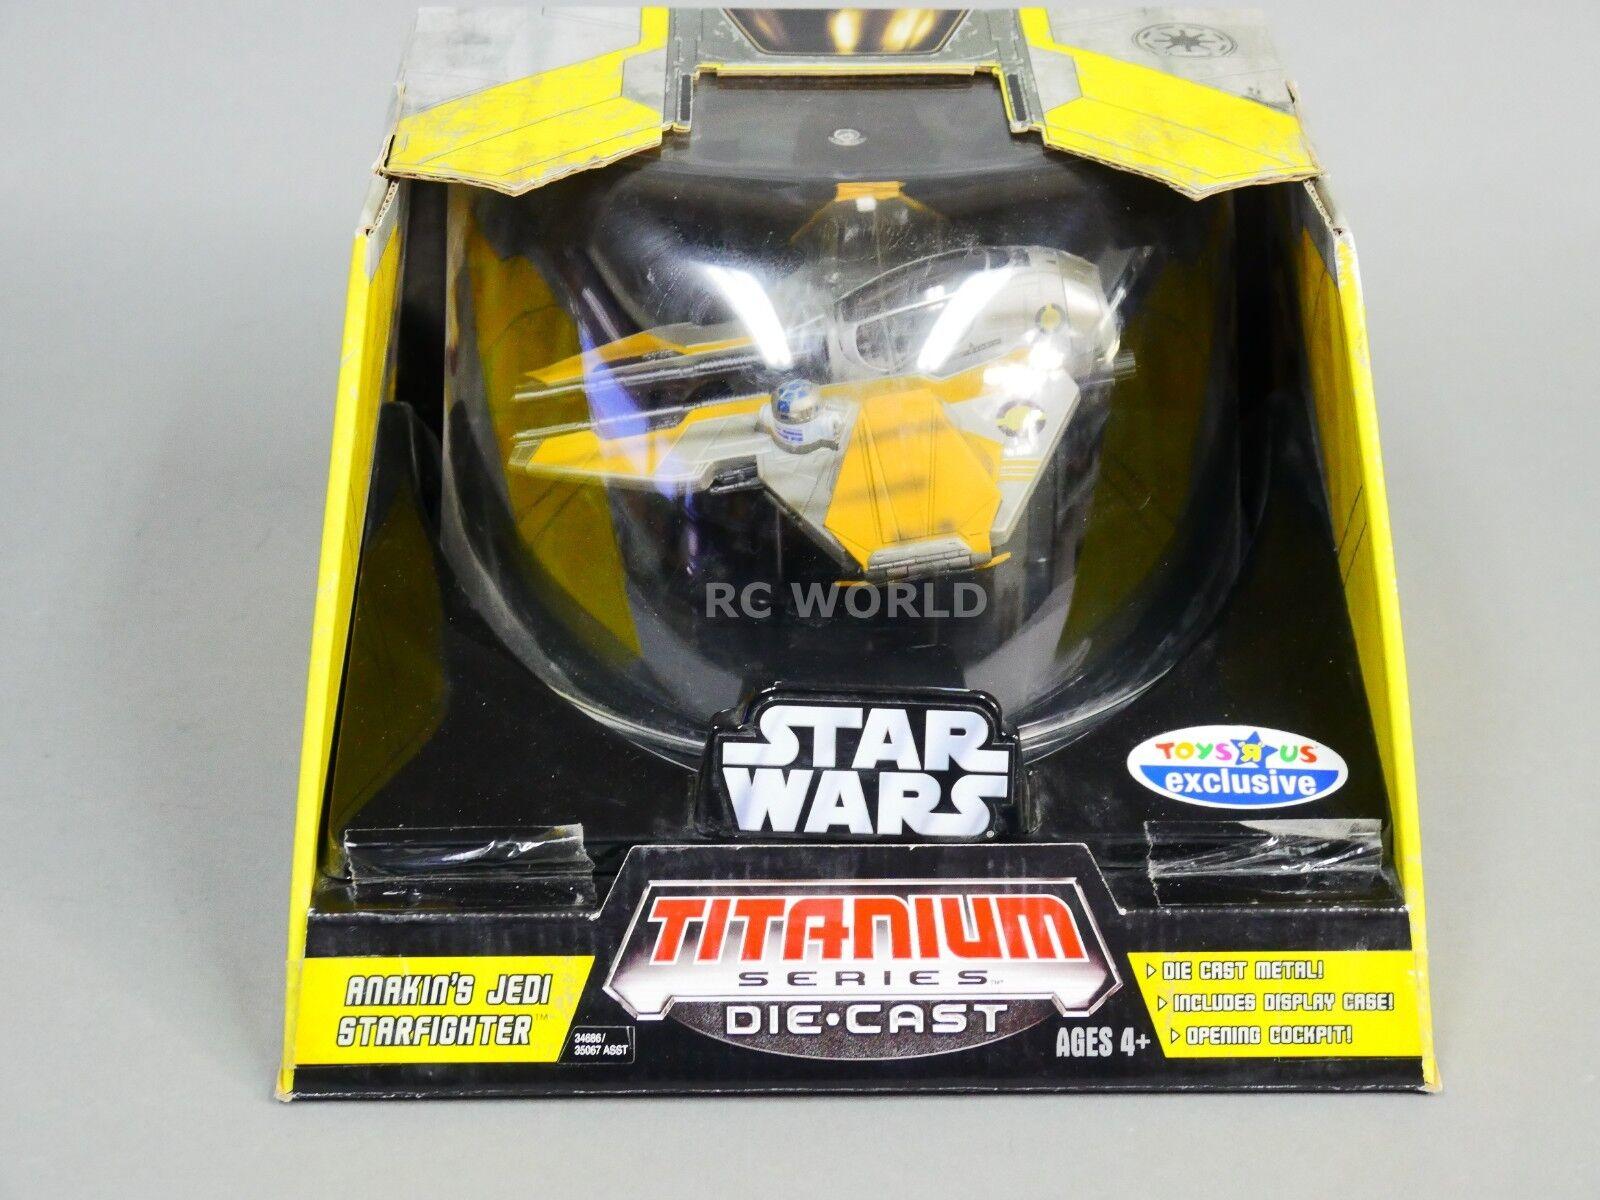 Star - wars - reihe anakins jedi - druckguss - modell   ob1